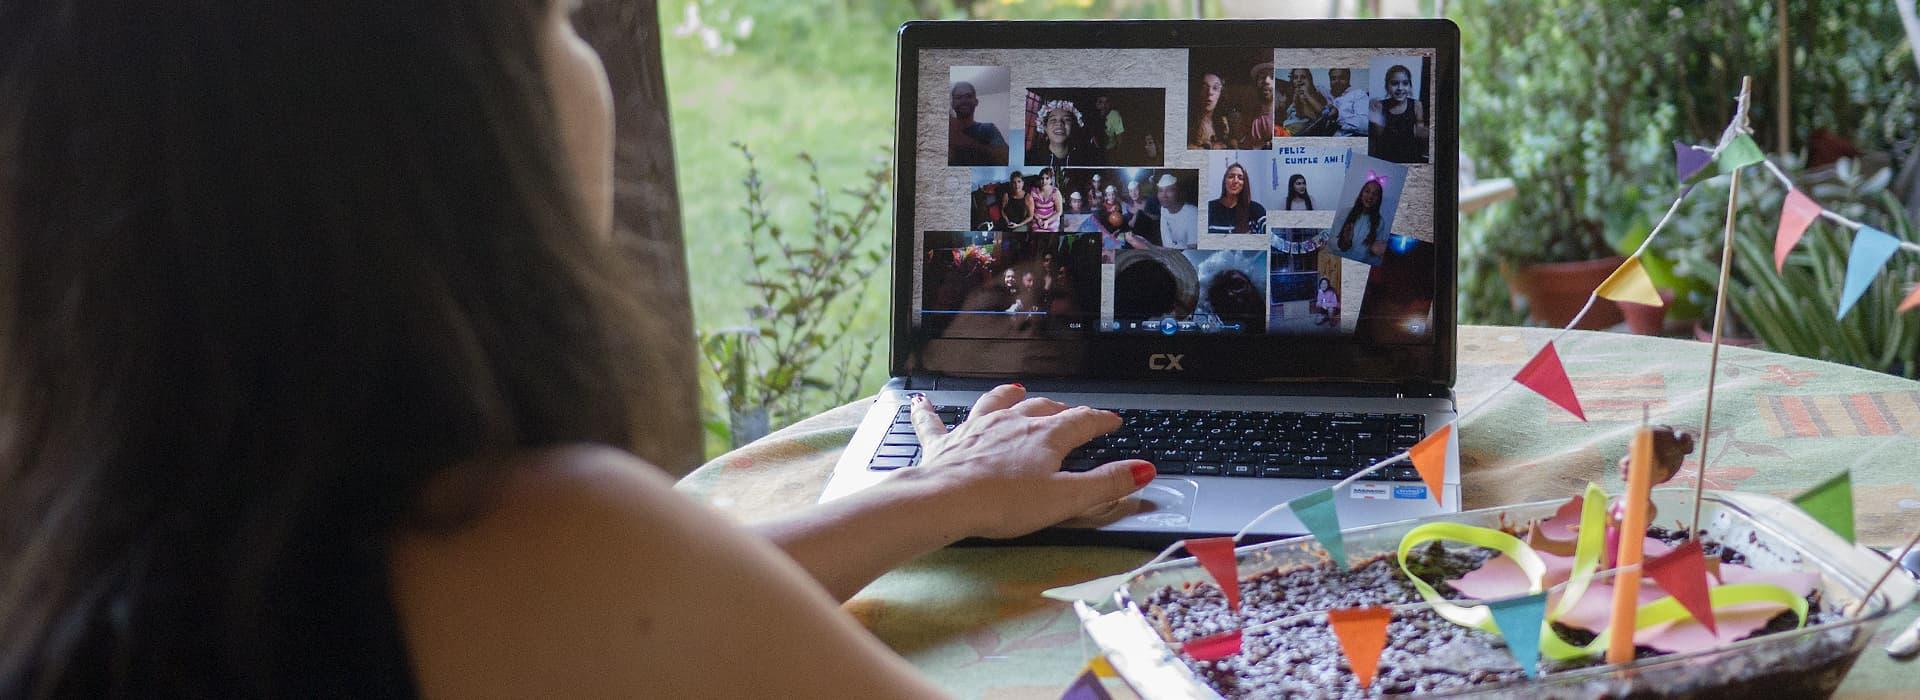 Imagen | Nuevo servicio de contención virtual para personal de la salud